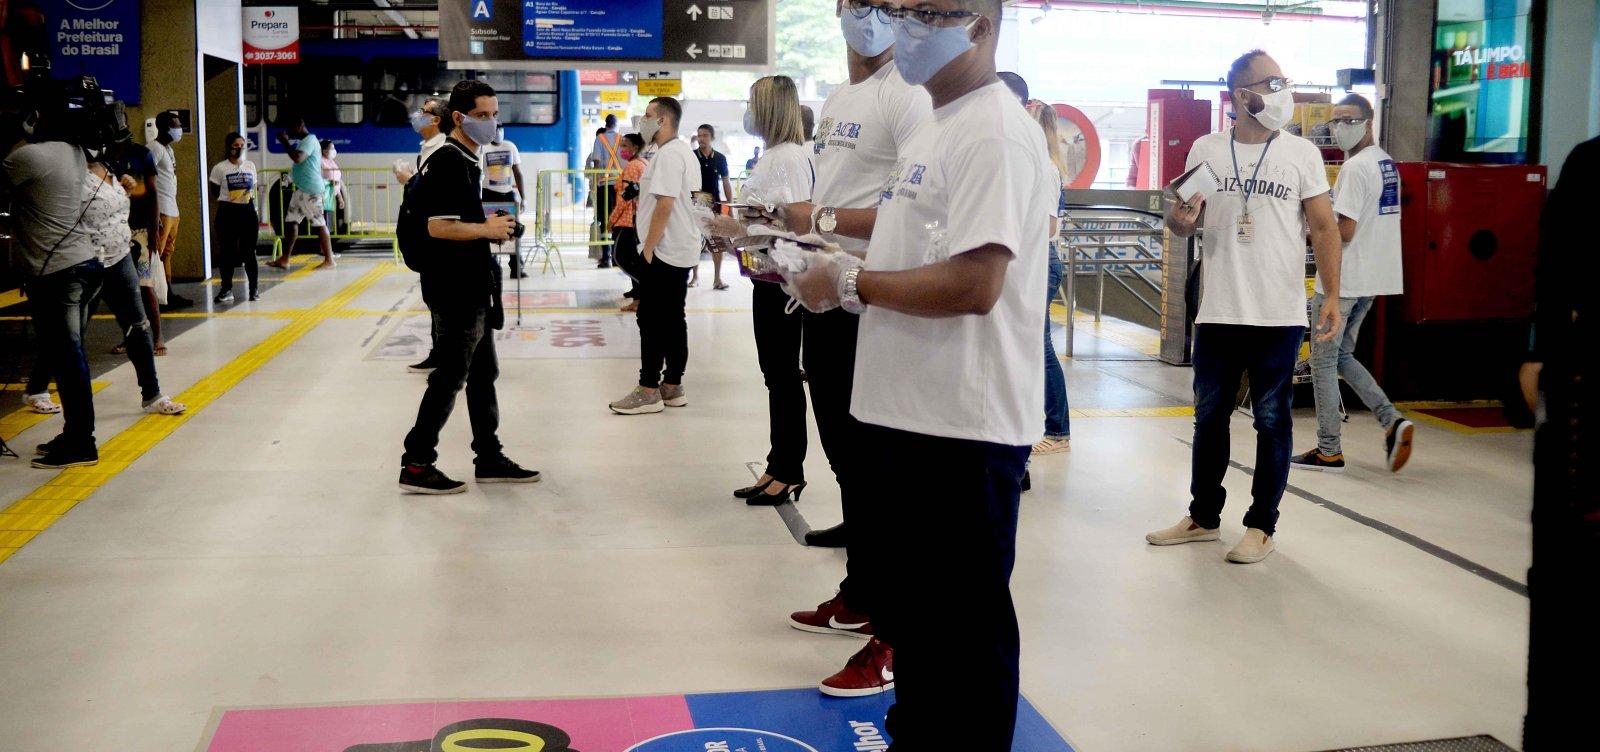 [Prefeitura inicia distribuição de 15 mil máscaras em regiões de Salvador]